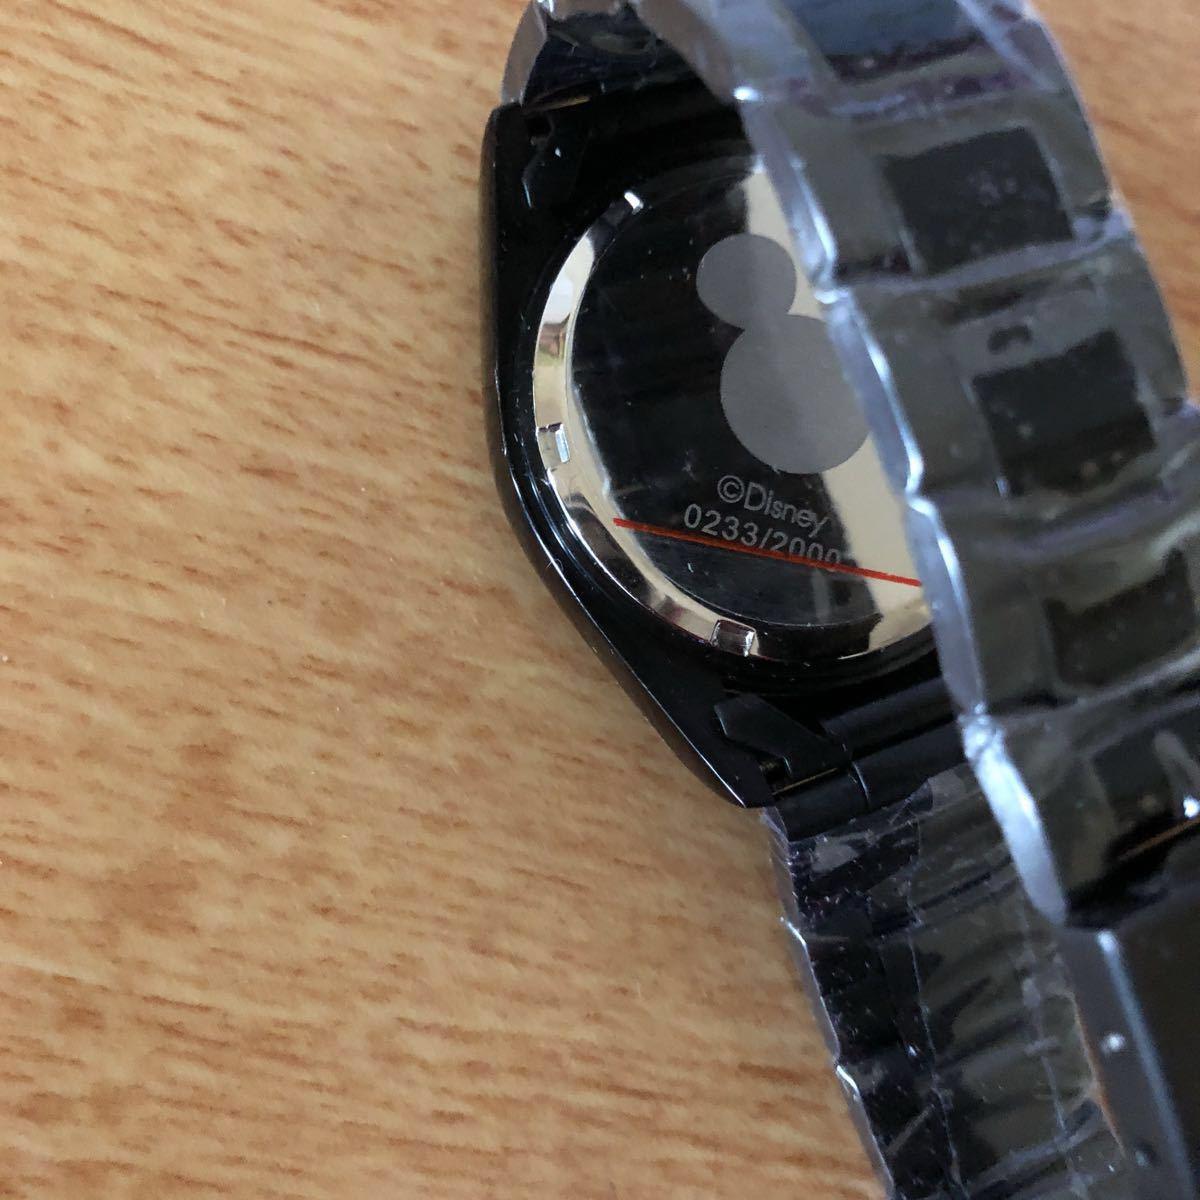 超プレミアム 世界限定モデル ミッキーマウス ダイヤモンド13石 腕時計 ロレックスタイプ ブラック未使用品 豪華オマケ付き_画像3